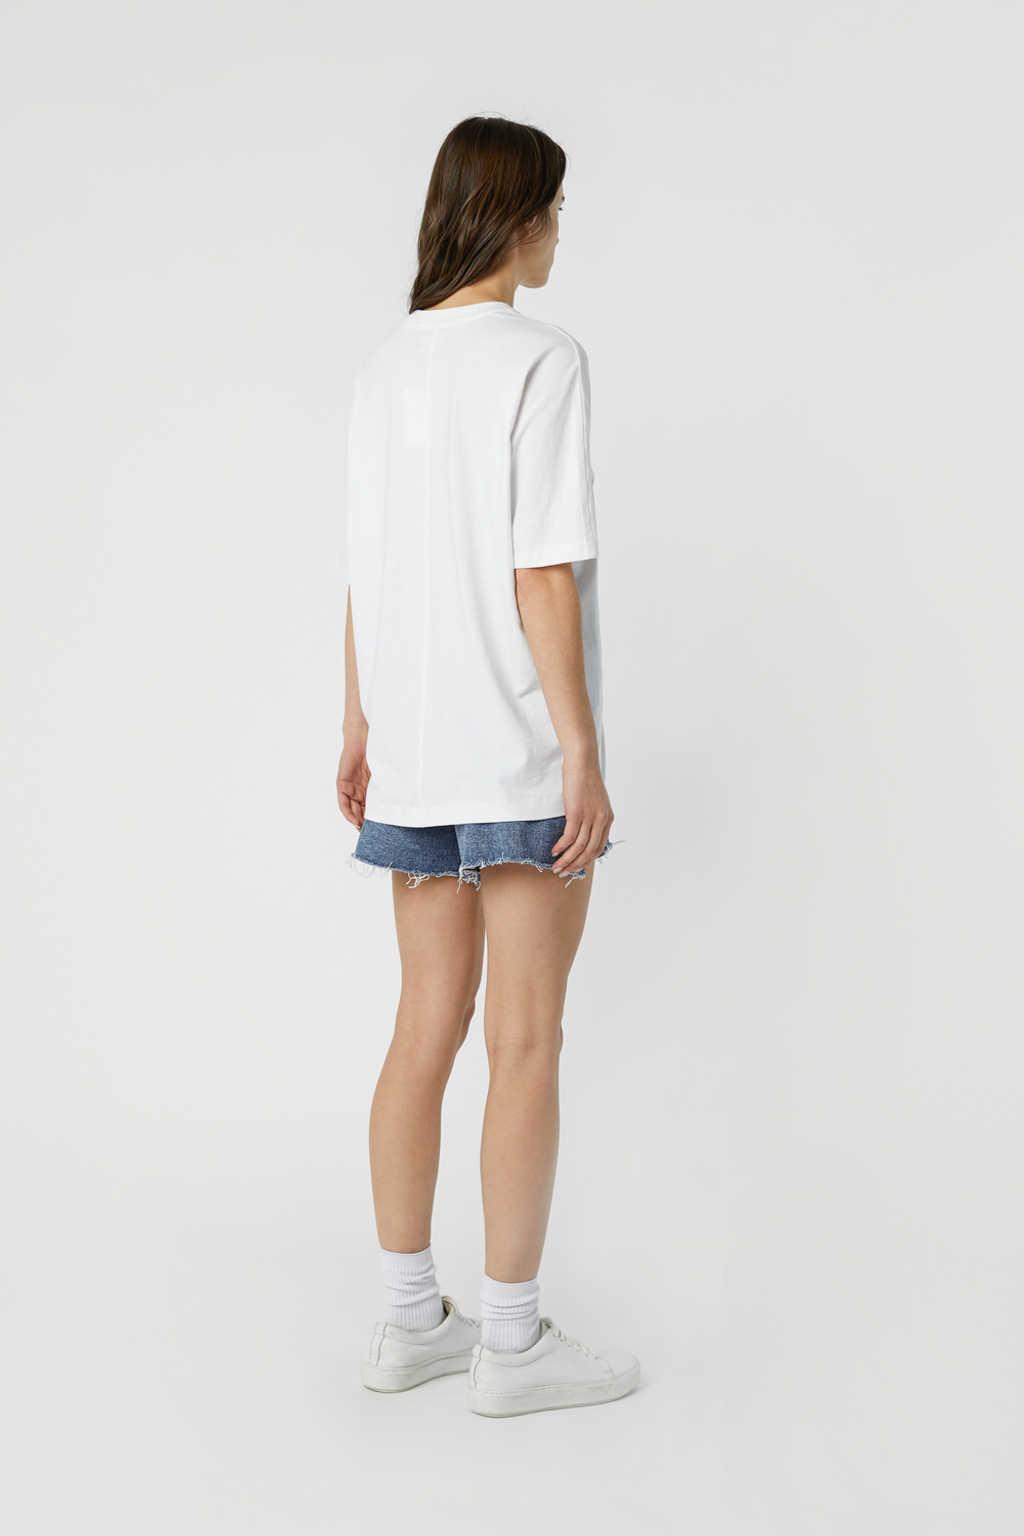 TShirt 3317 White 4